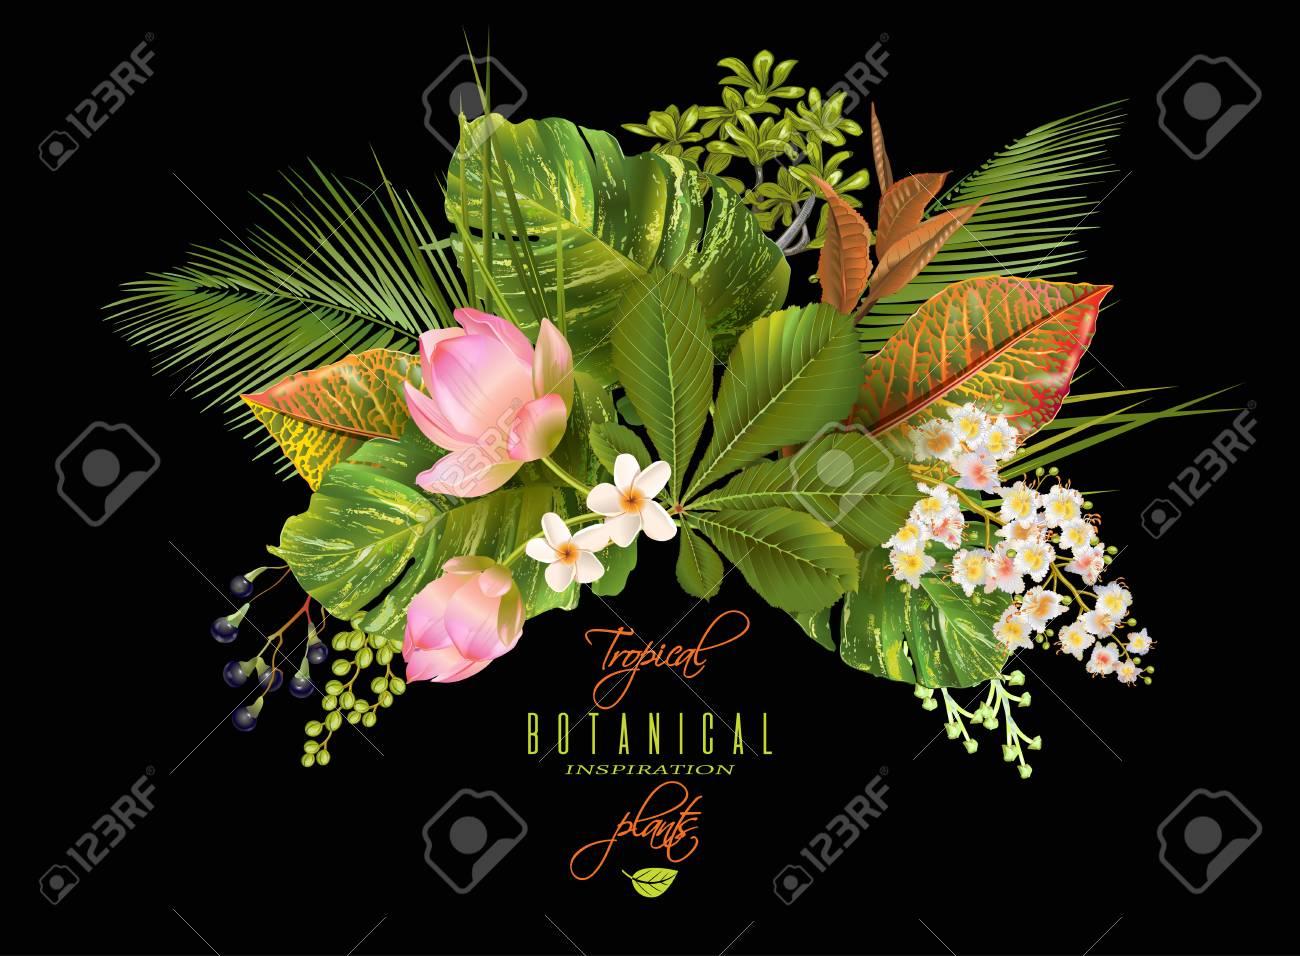 Tropial plants banner - 74638919